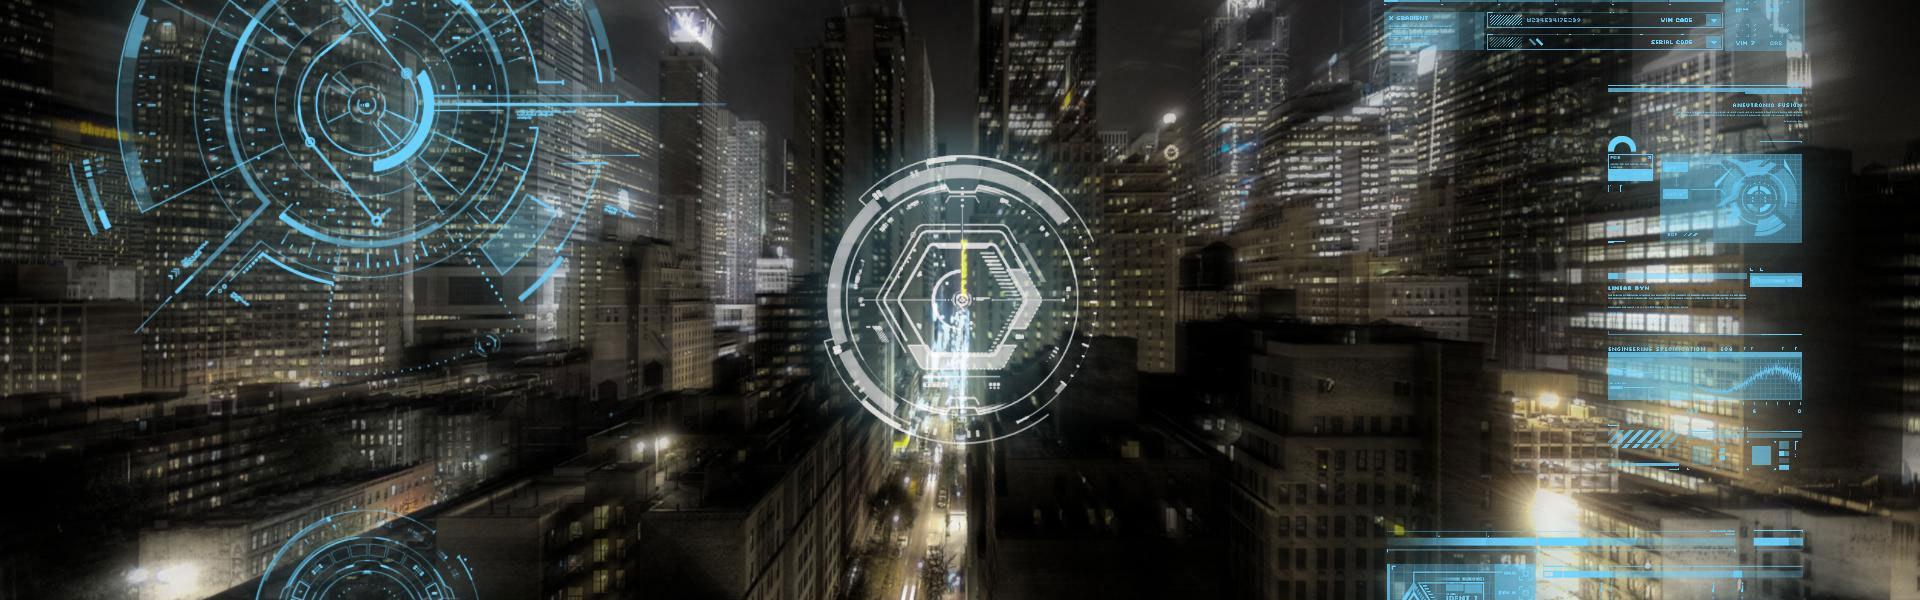 八维时空网站大图-BIM动画设计